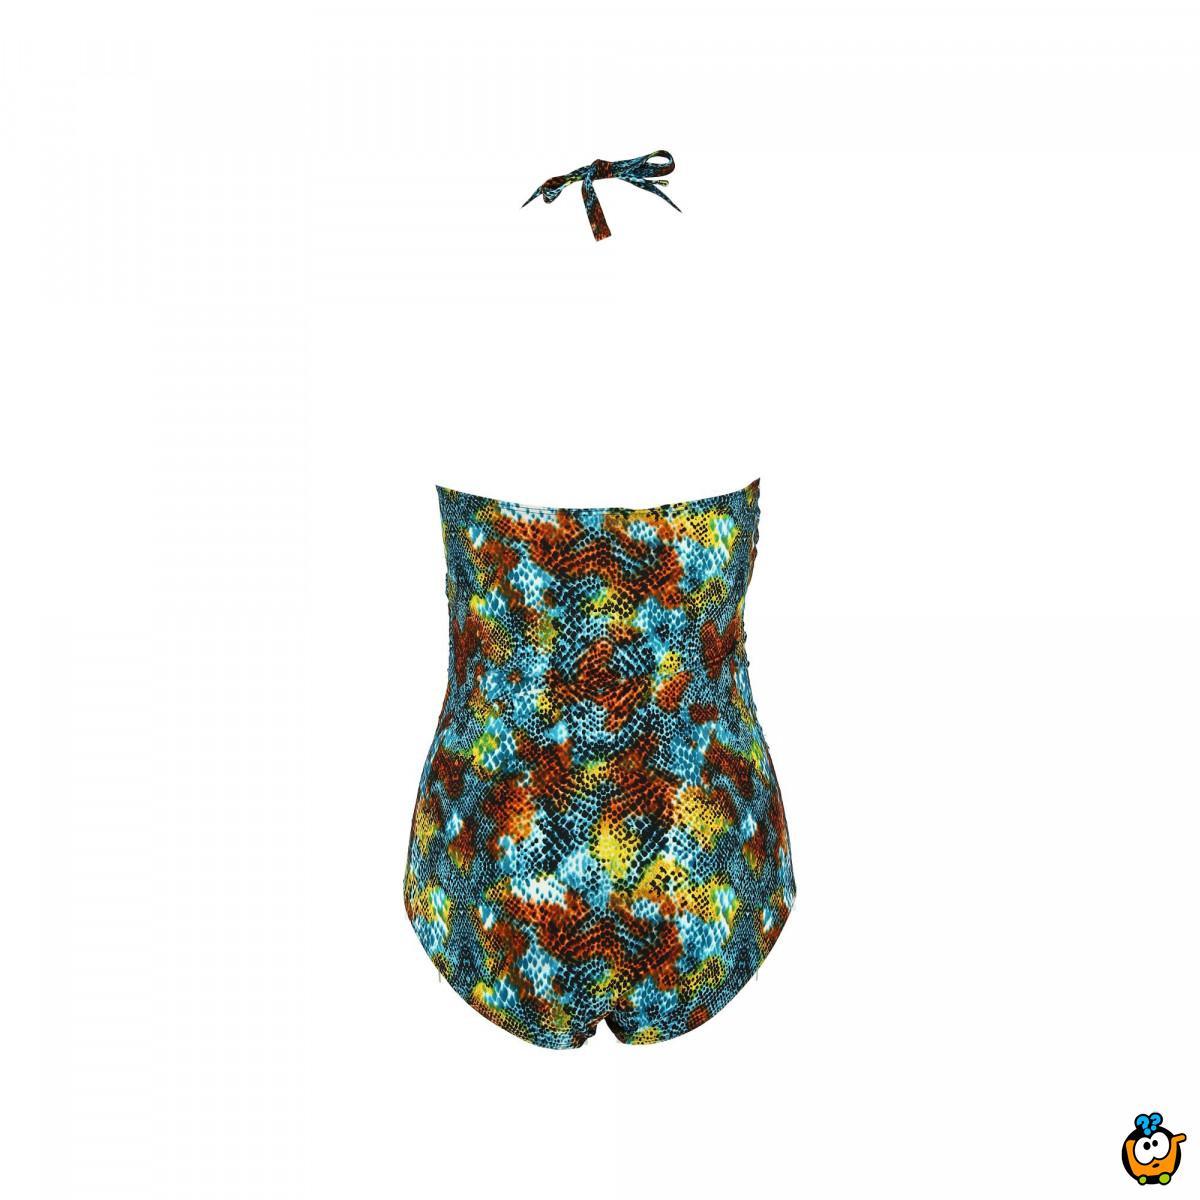 Jednodelni ženski kupaći kostim - PLUS SIZE - ENY SNAKE SKIN